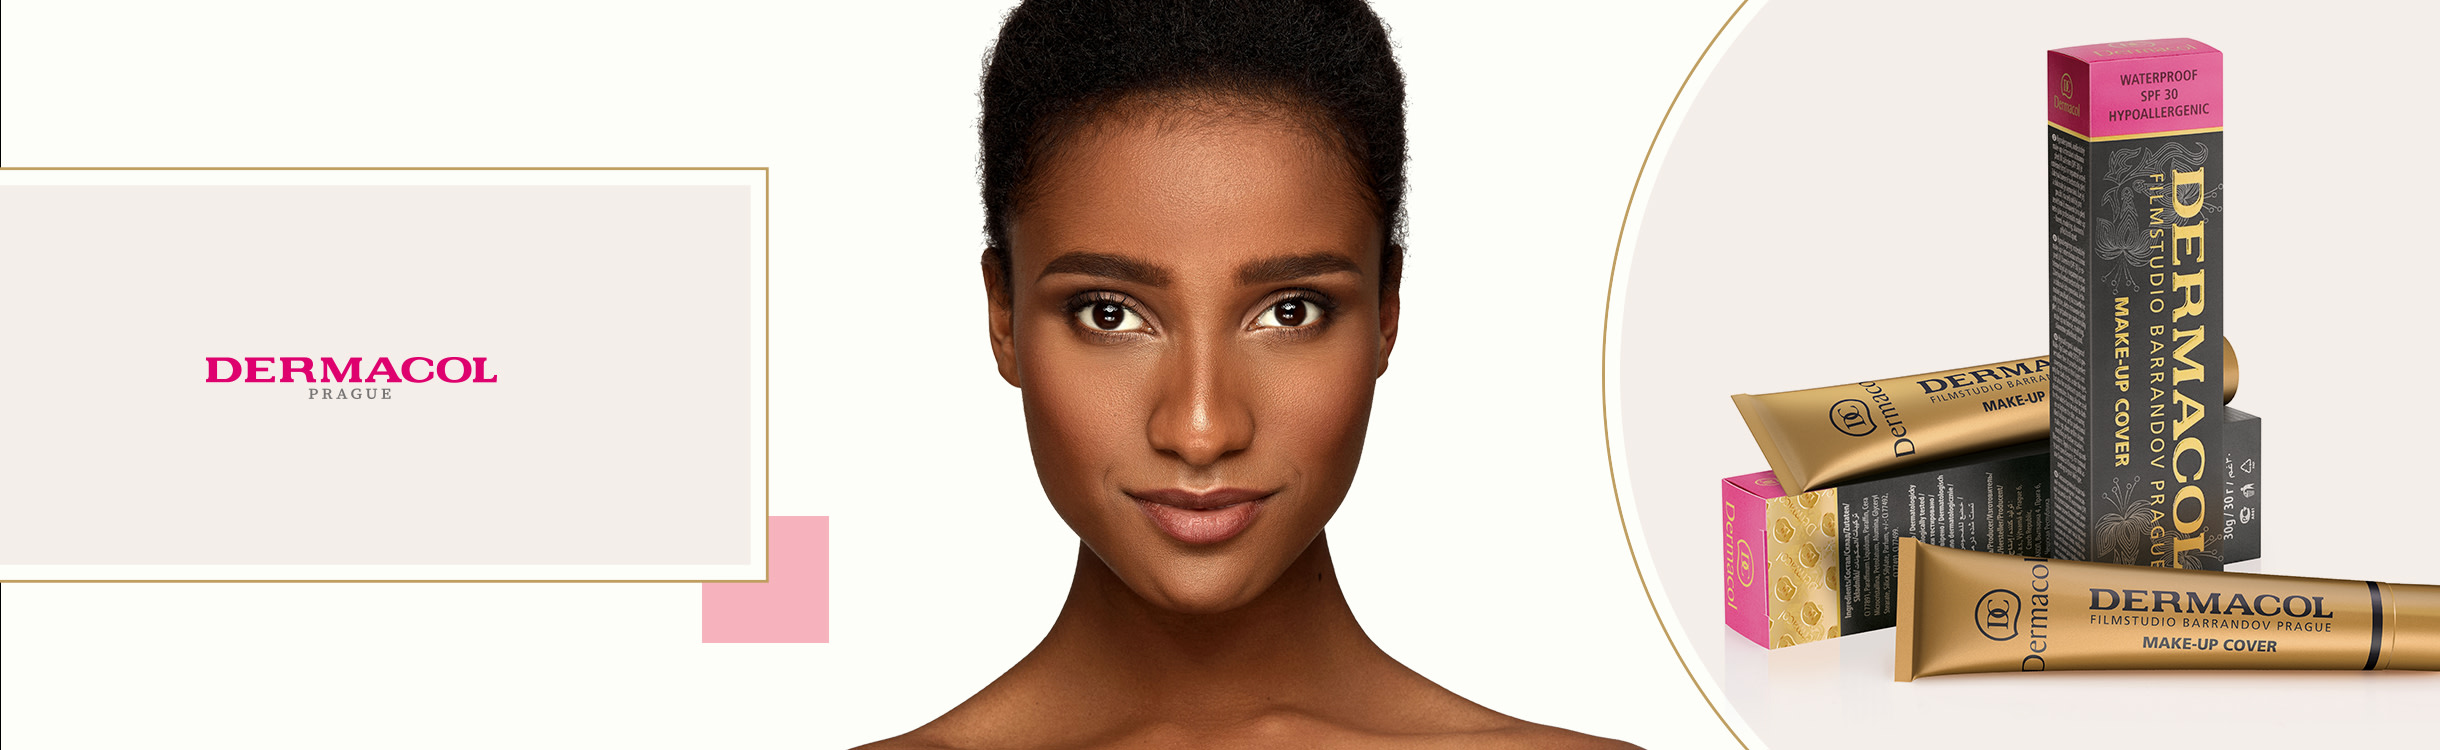 Maquiagem para Corpo Dermacol